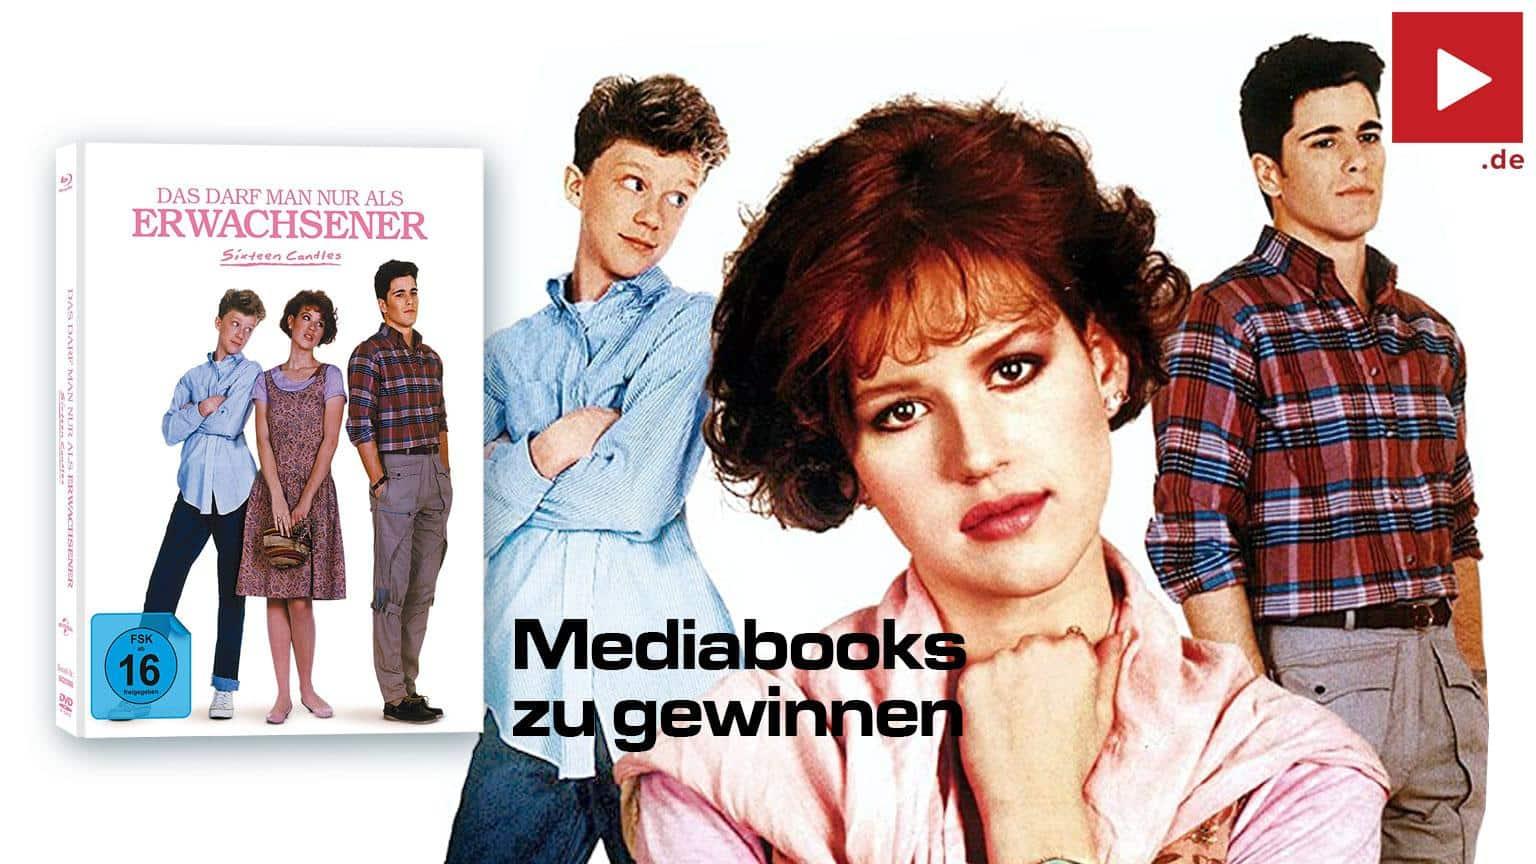 Das darf man nur als Erwachsener Film Gewinnspiel gewinnen Mediabook shop kaufen Artikelbild